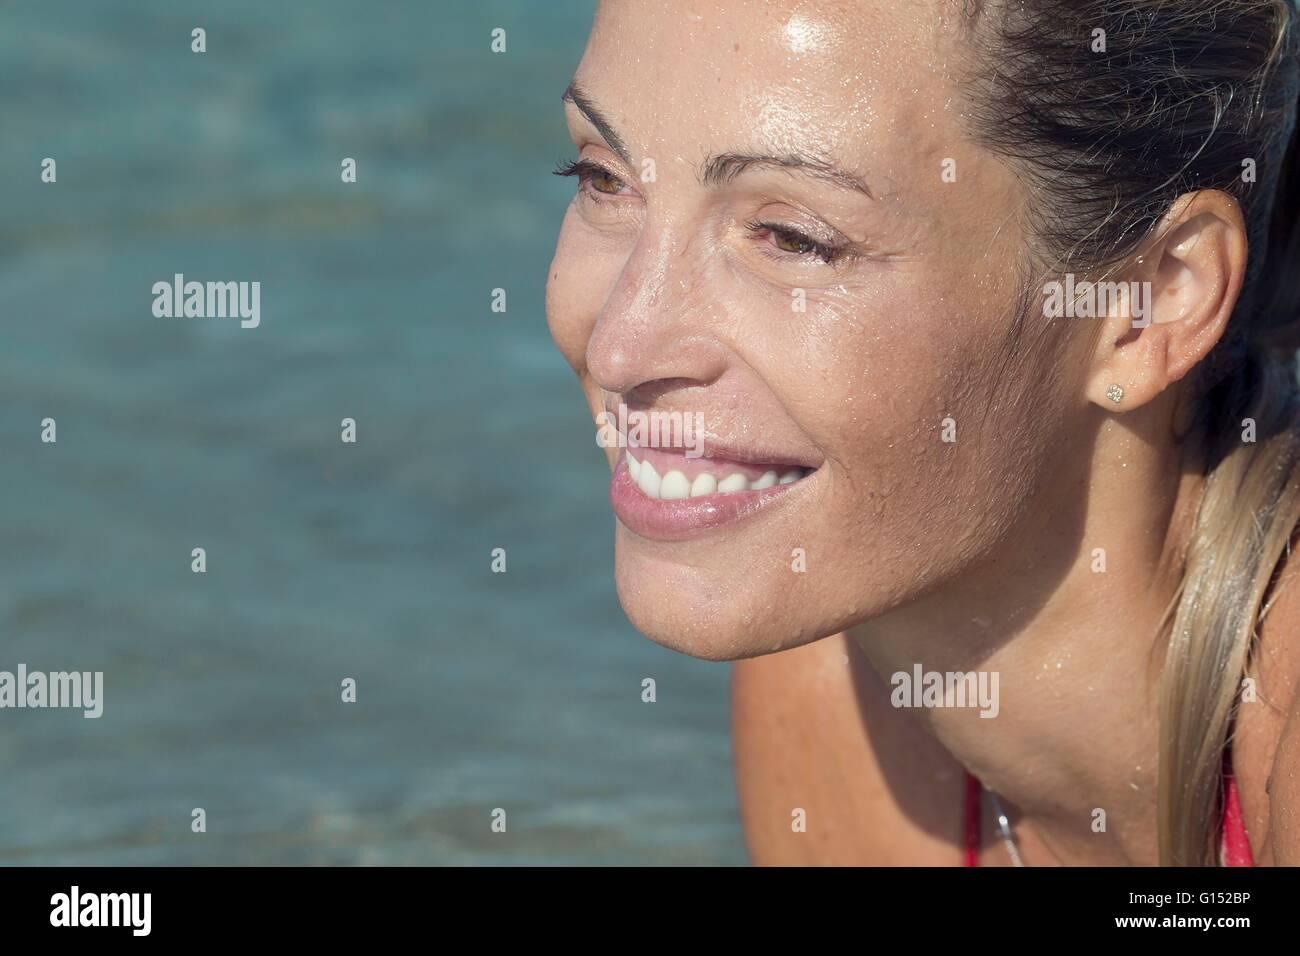 Nahaufnahme von Profil lächelnden blonden Frau im Wasser liegend Stockbild